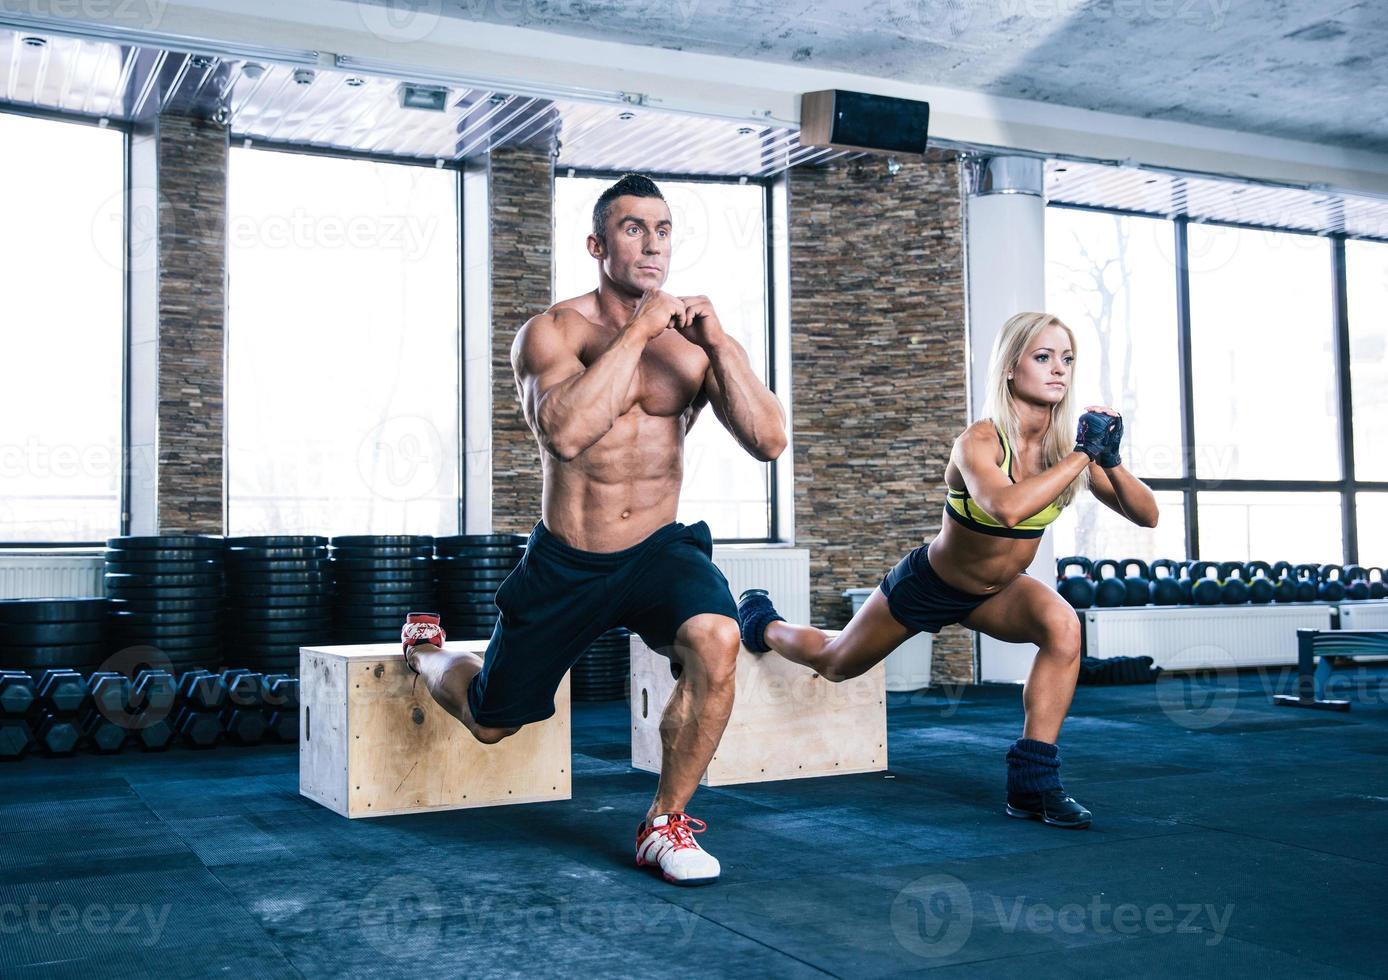 mujer y hombre trabajando en el gimnasio foto